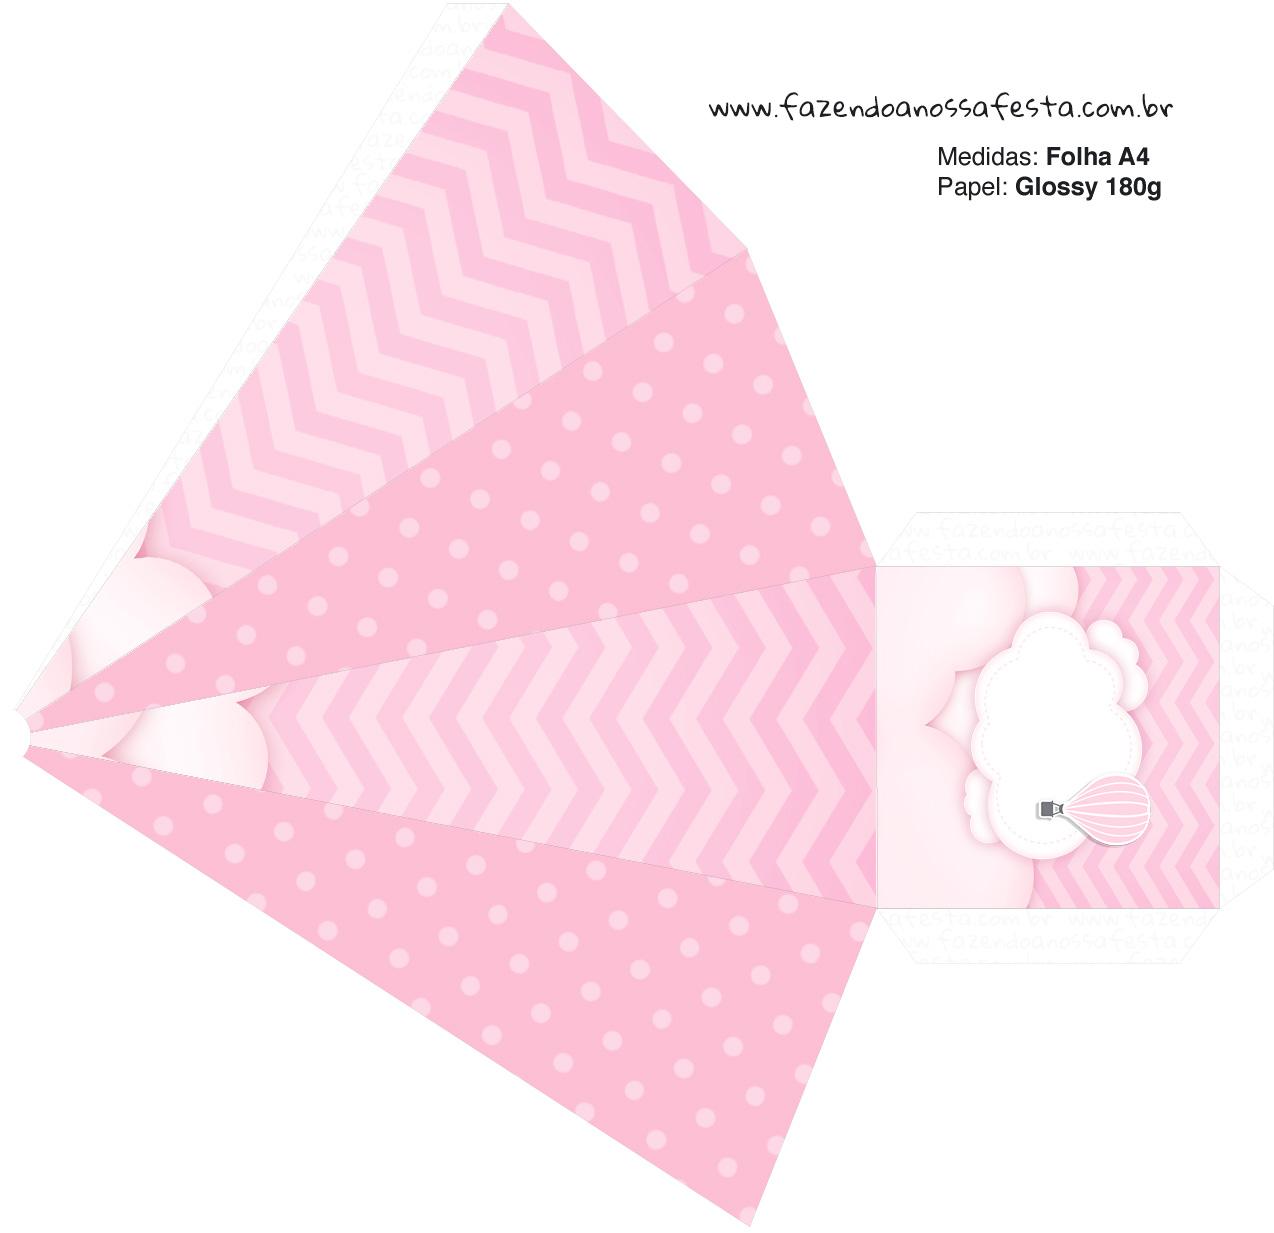 Caixa Piramide 2 Balão de Ar Quente Rosa